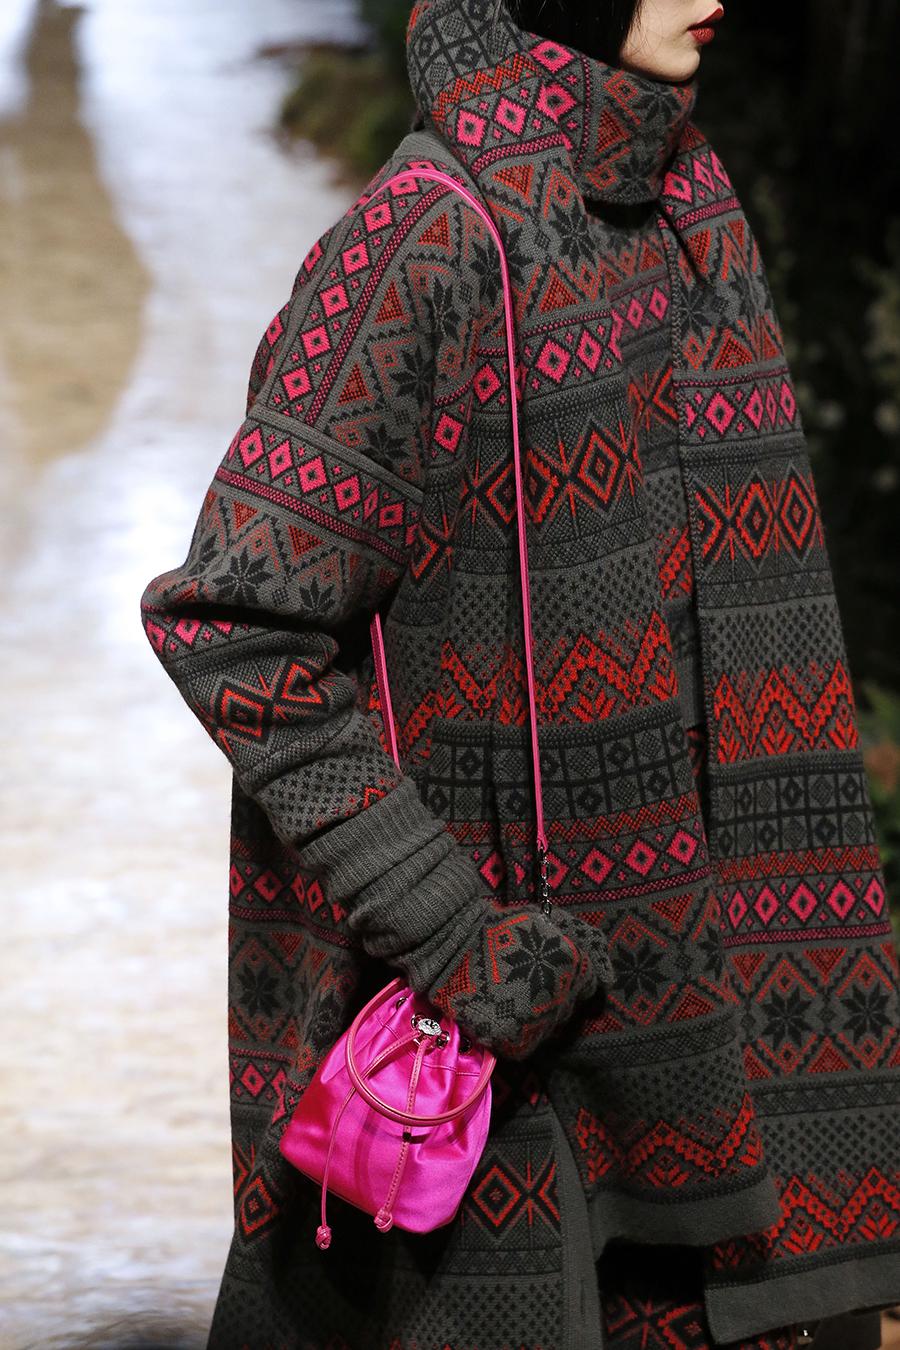 модная сумка мешок кисет осень зима 2020 2021 розовая фуксия атласная маленькая